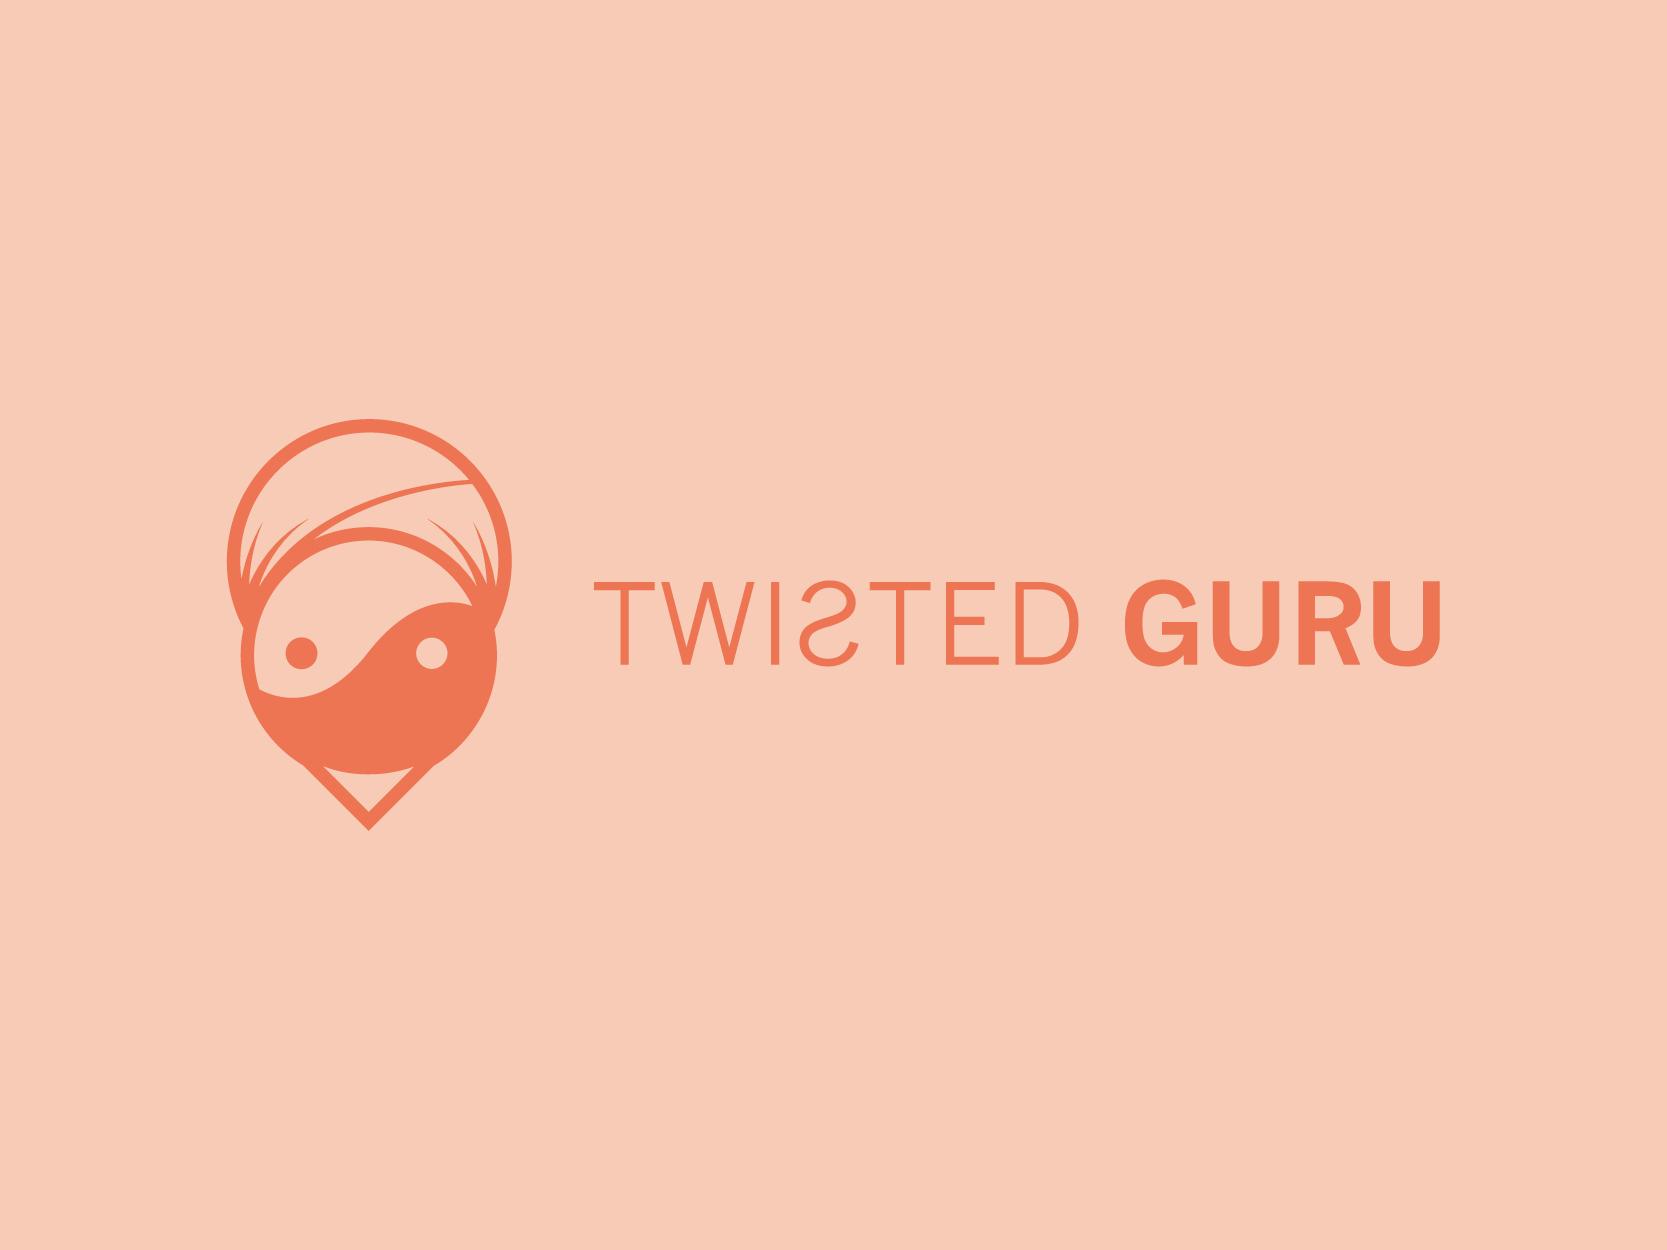 Twisted Guru V7.jpg